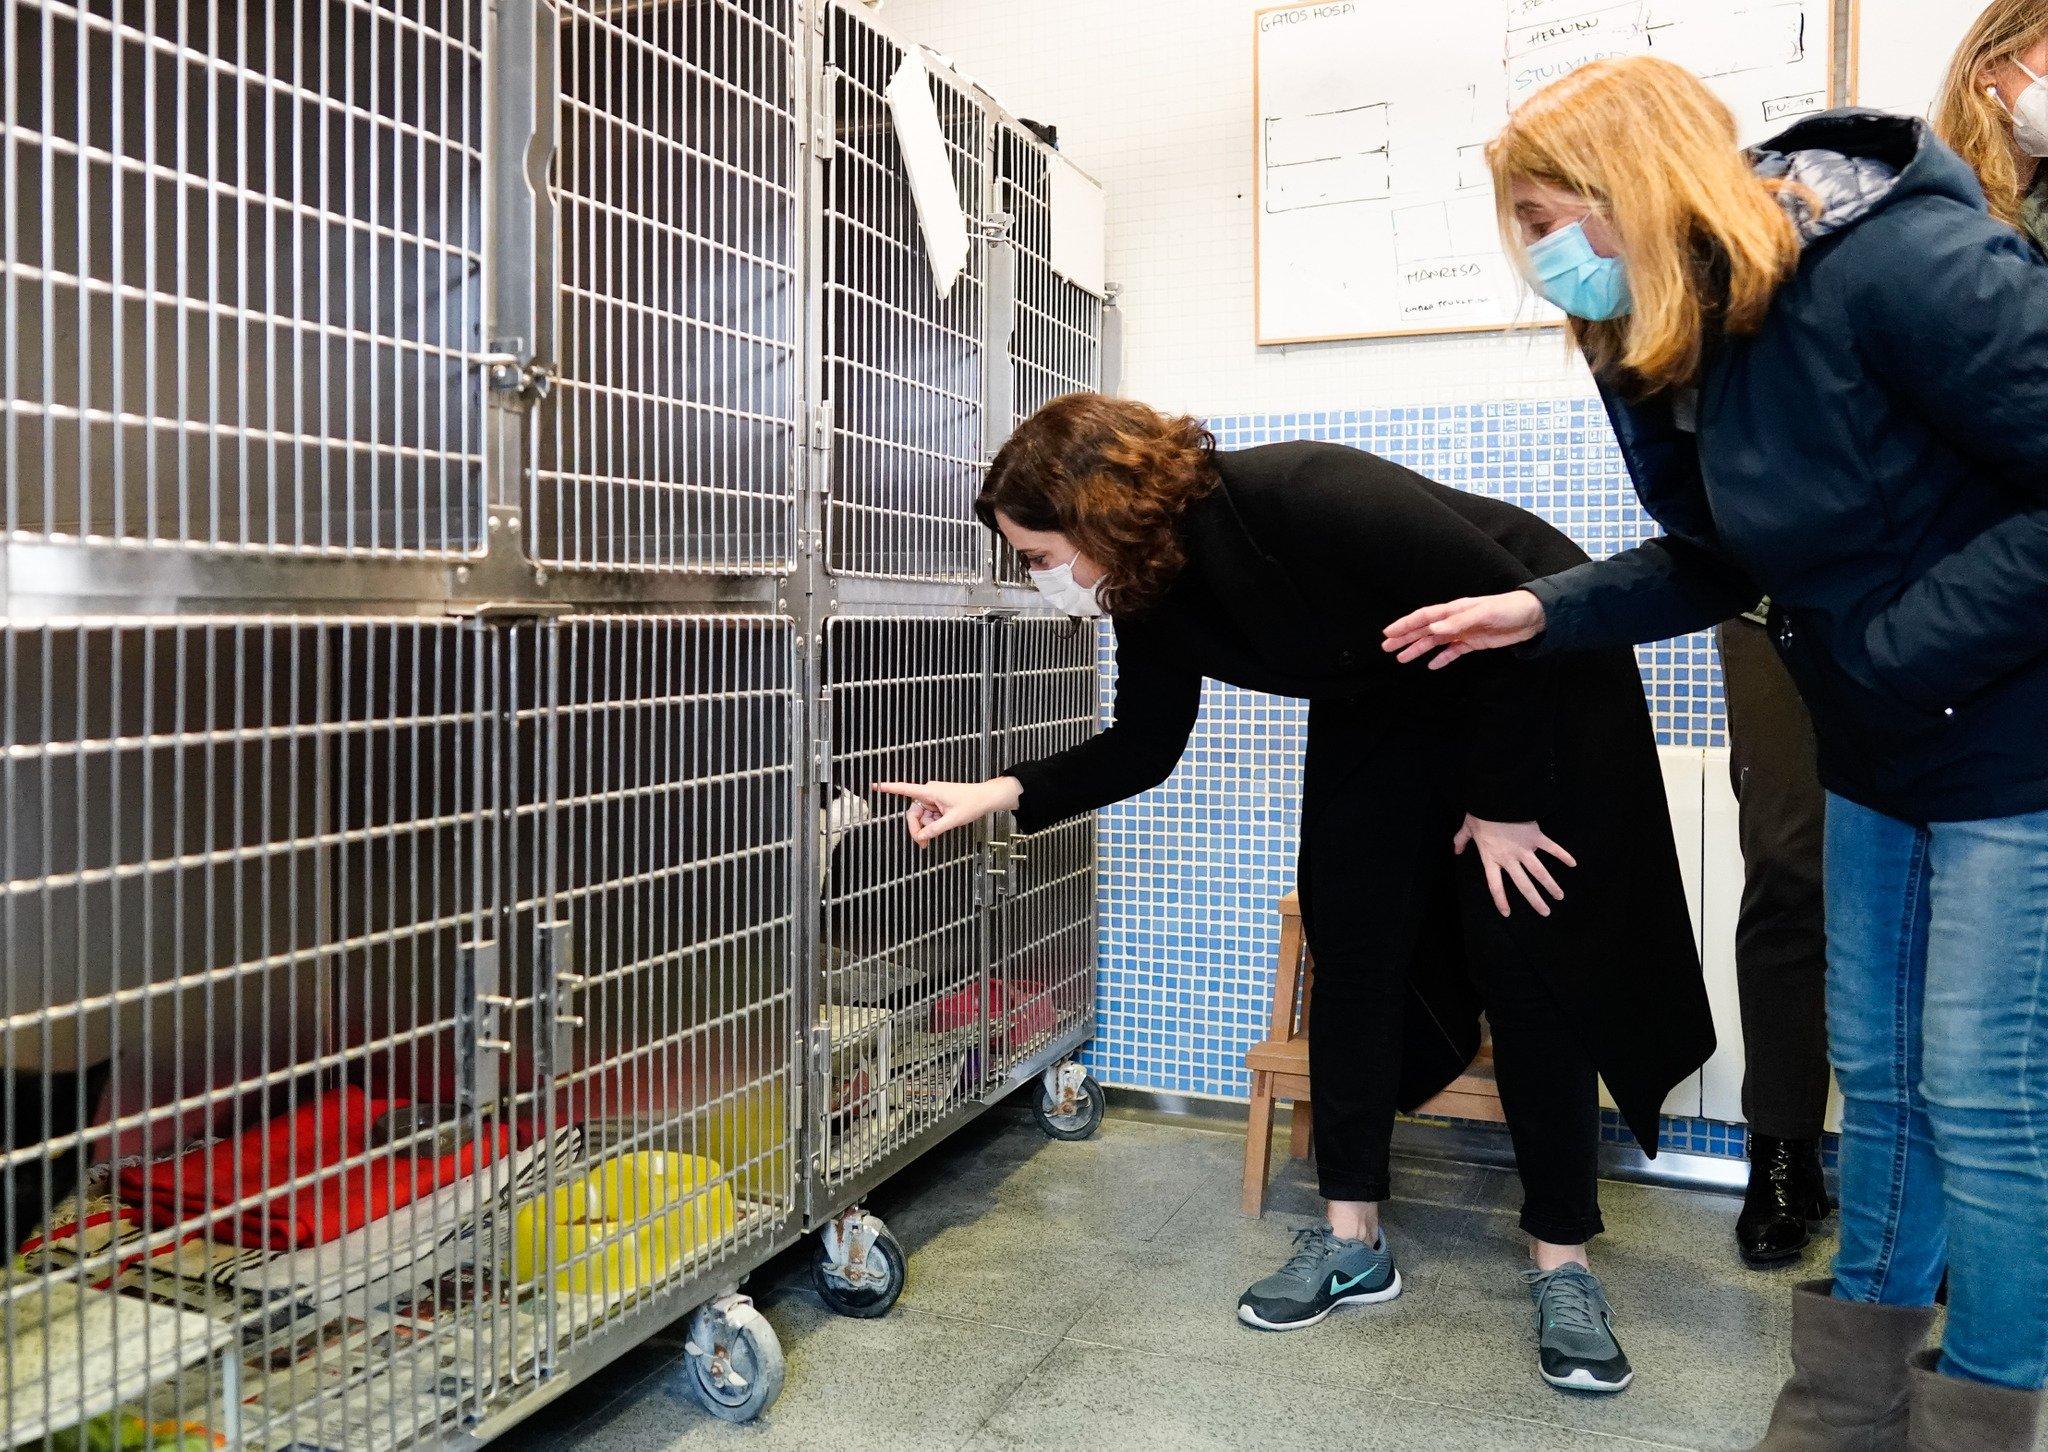 La adopción de animales de compañía crece un 40% durante la pandemia 2